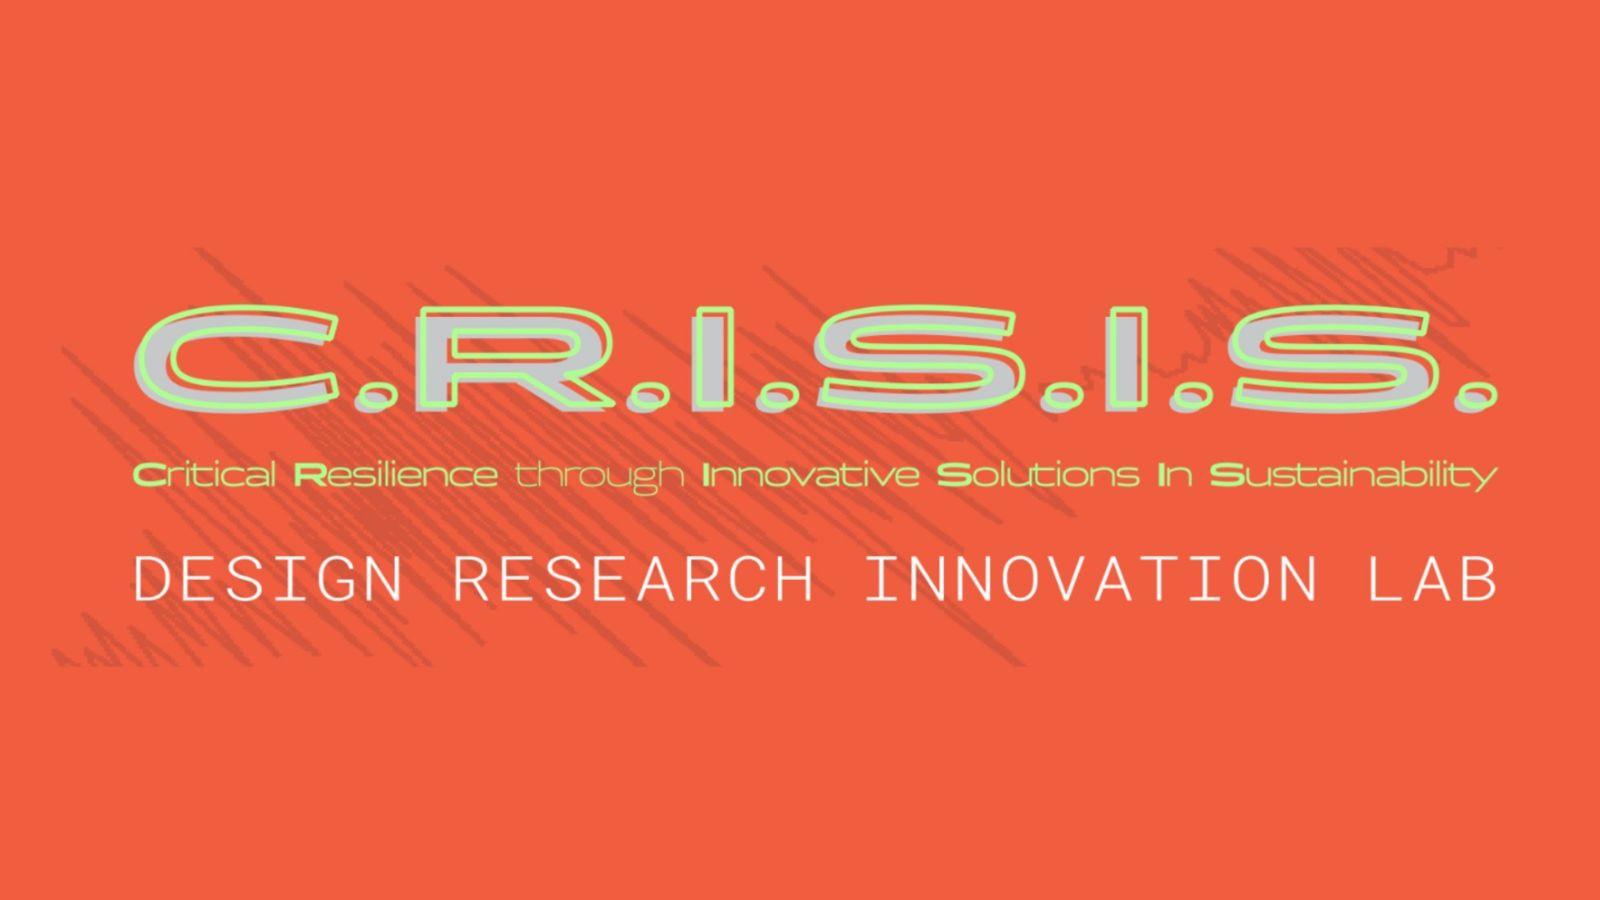 CRISIS logo on orange background